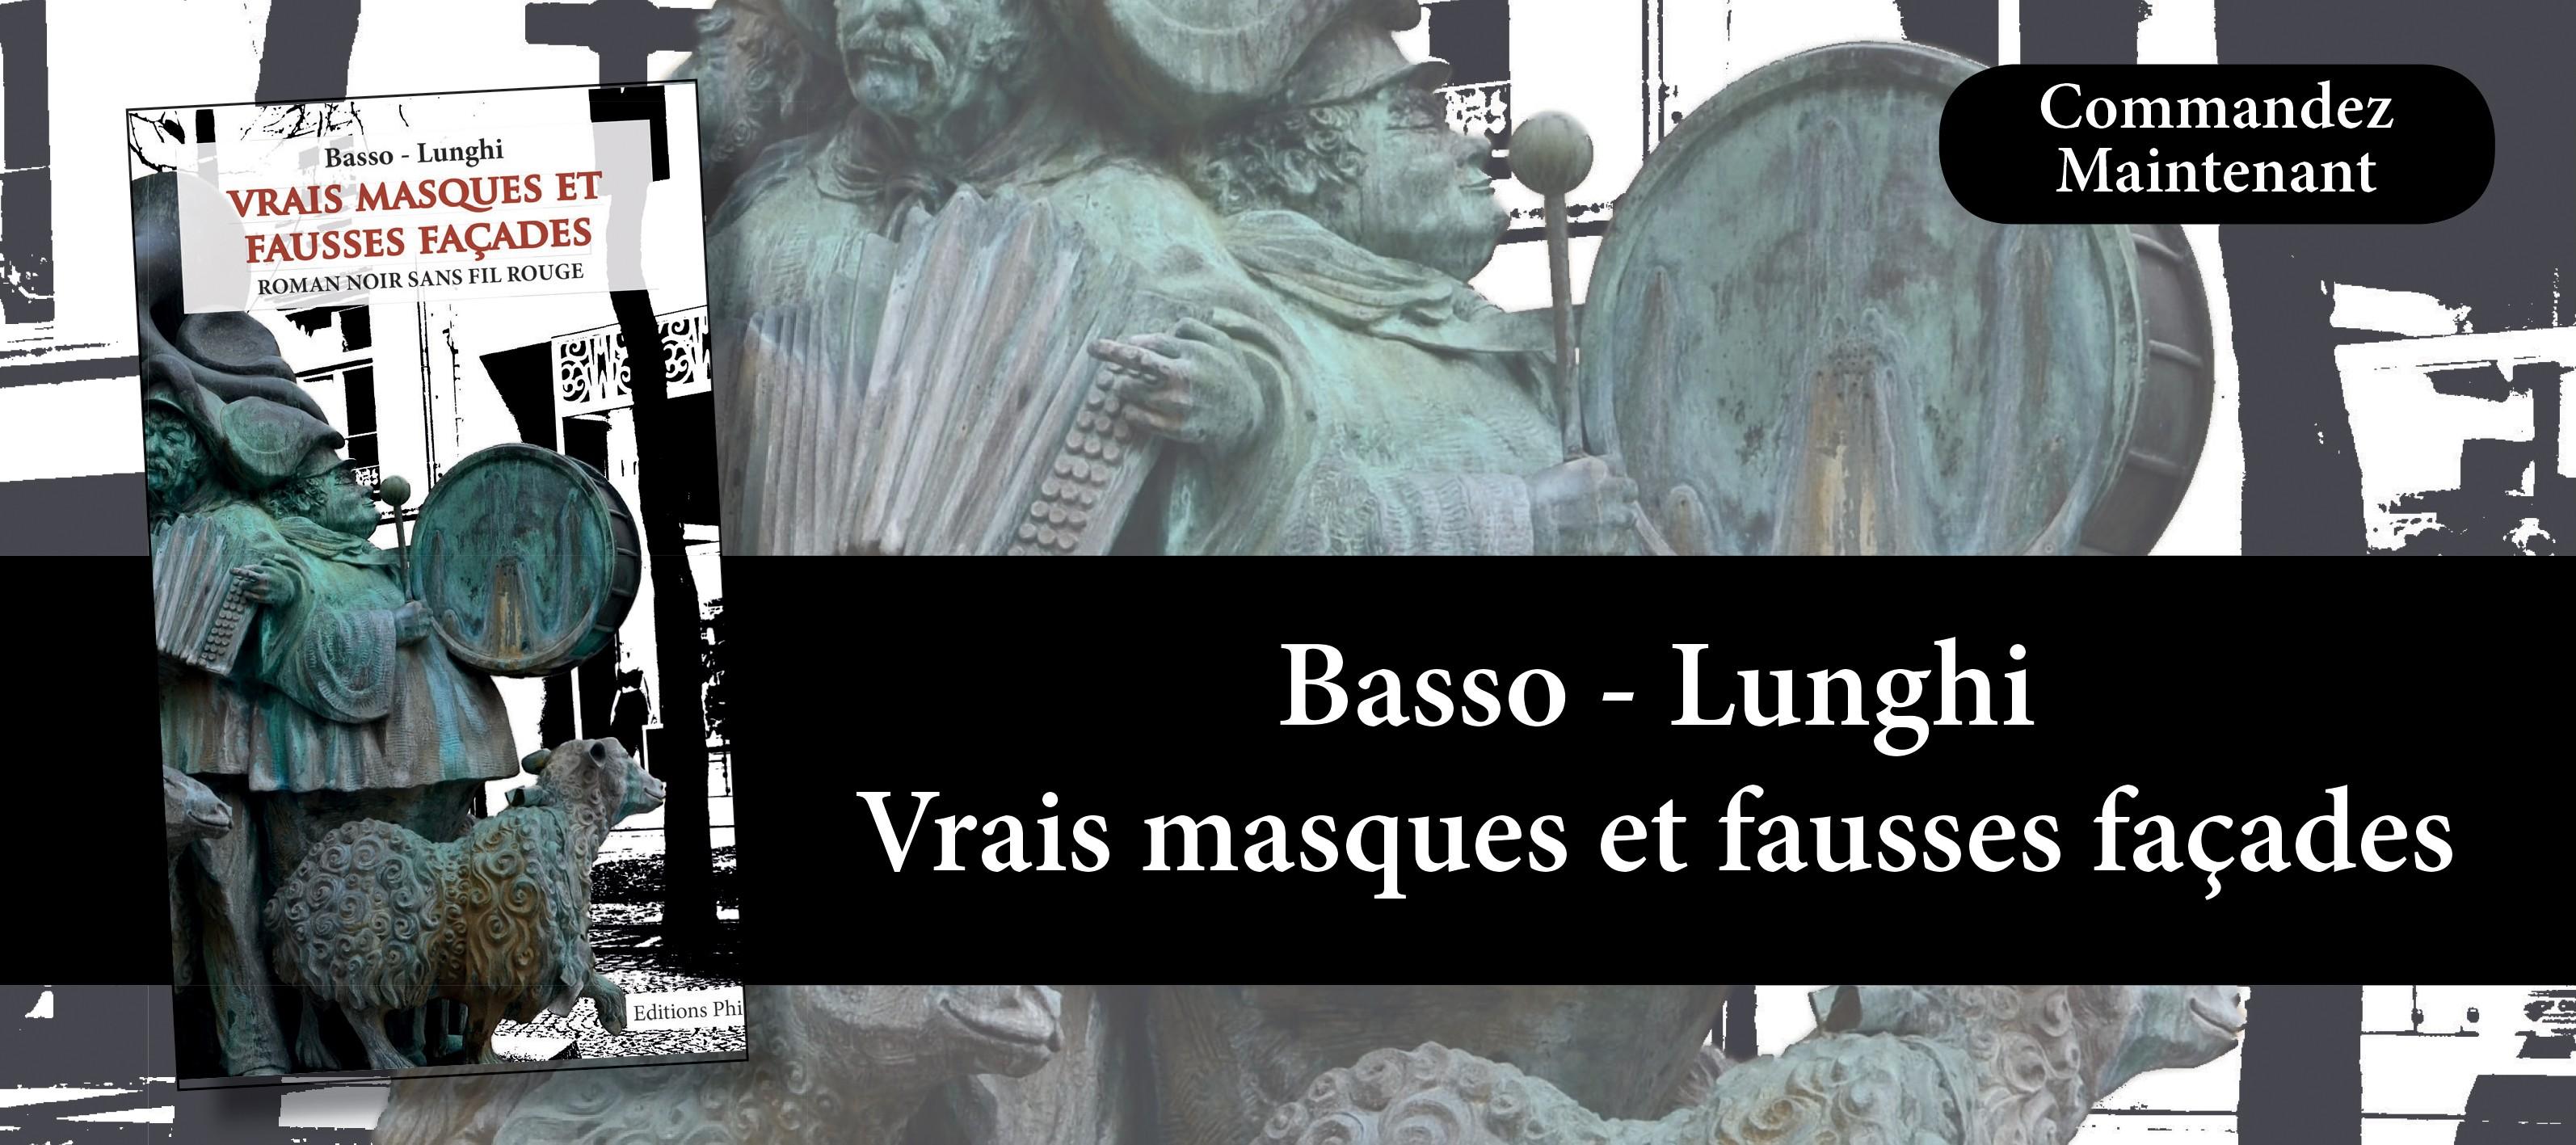 http://www.editionsphi.lu/fr/francais/473-basso-lunghi-vrais-masques-et-fausses-facades.html